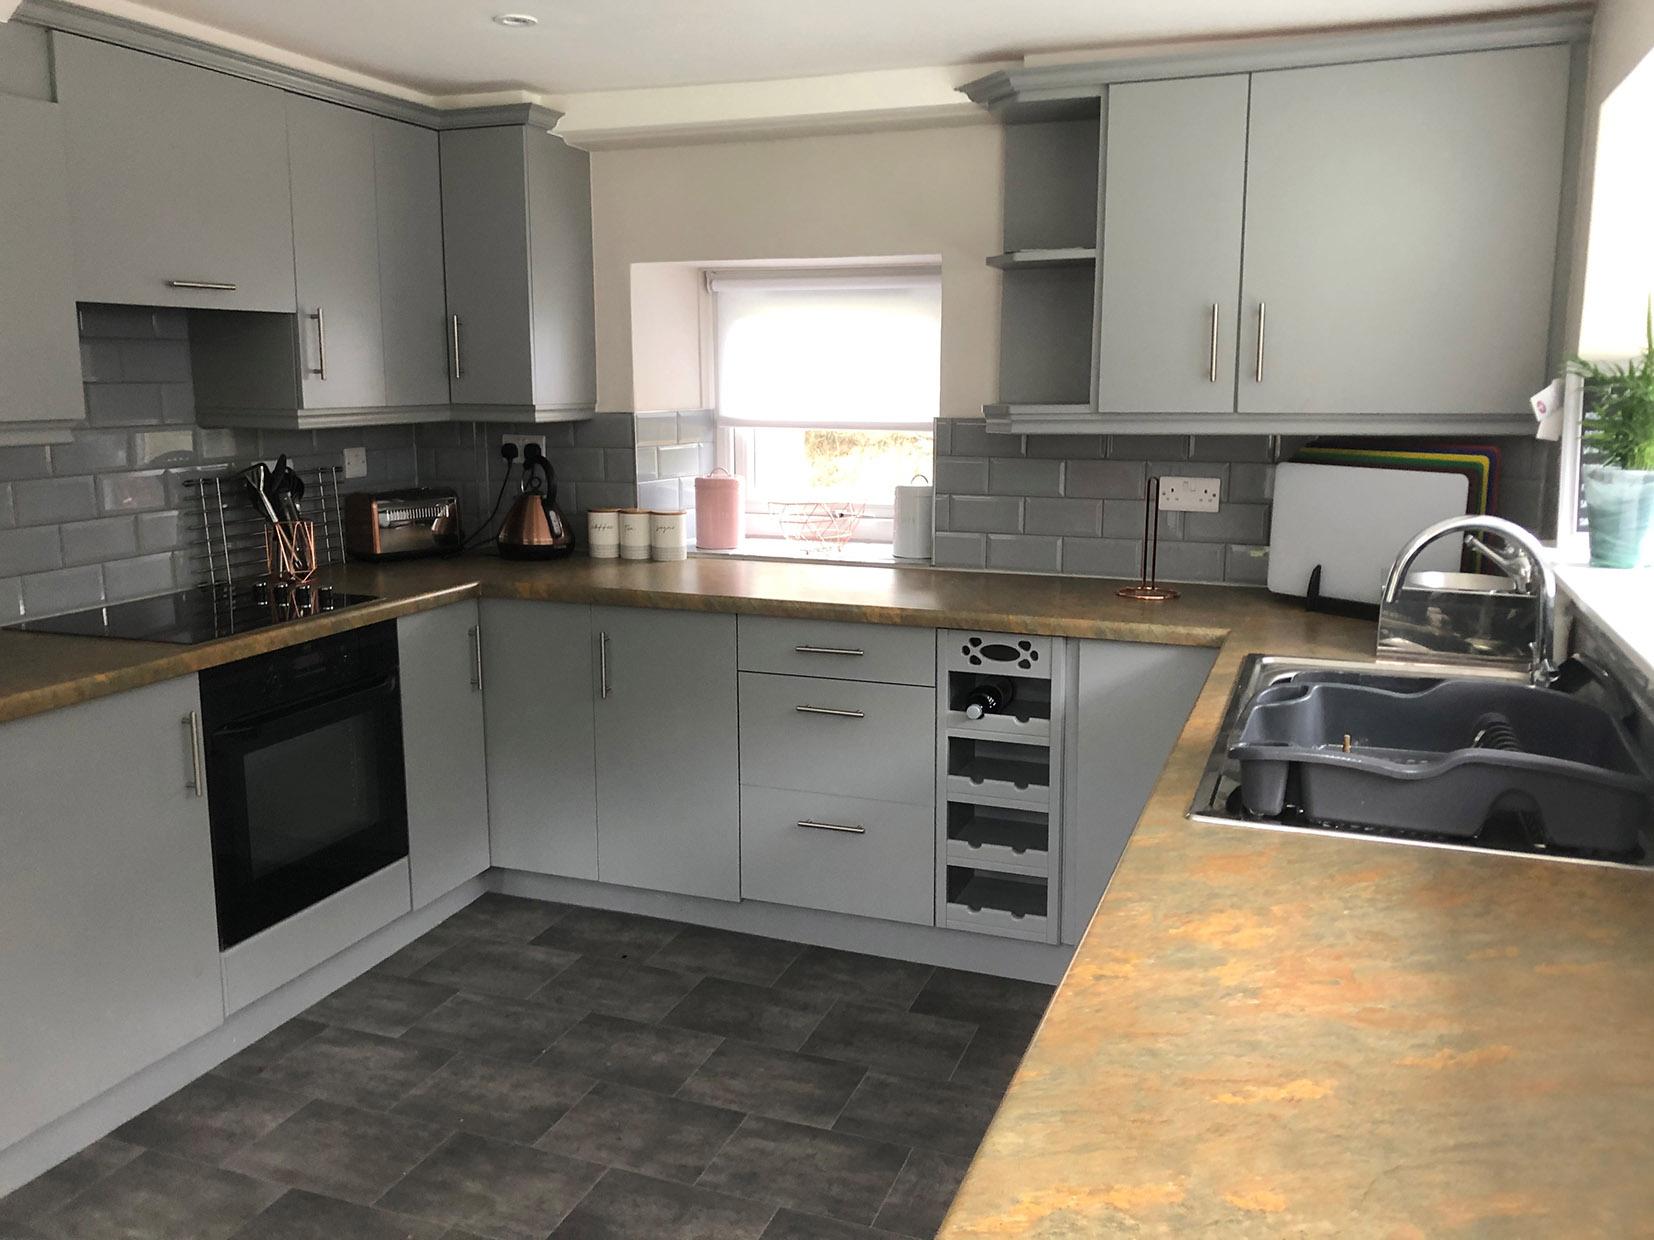 Glen Cottage kitchen - Business News Scotland